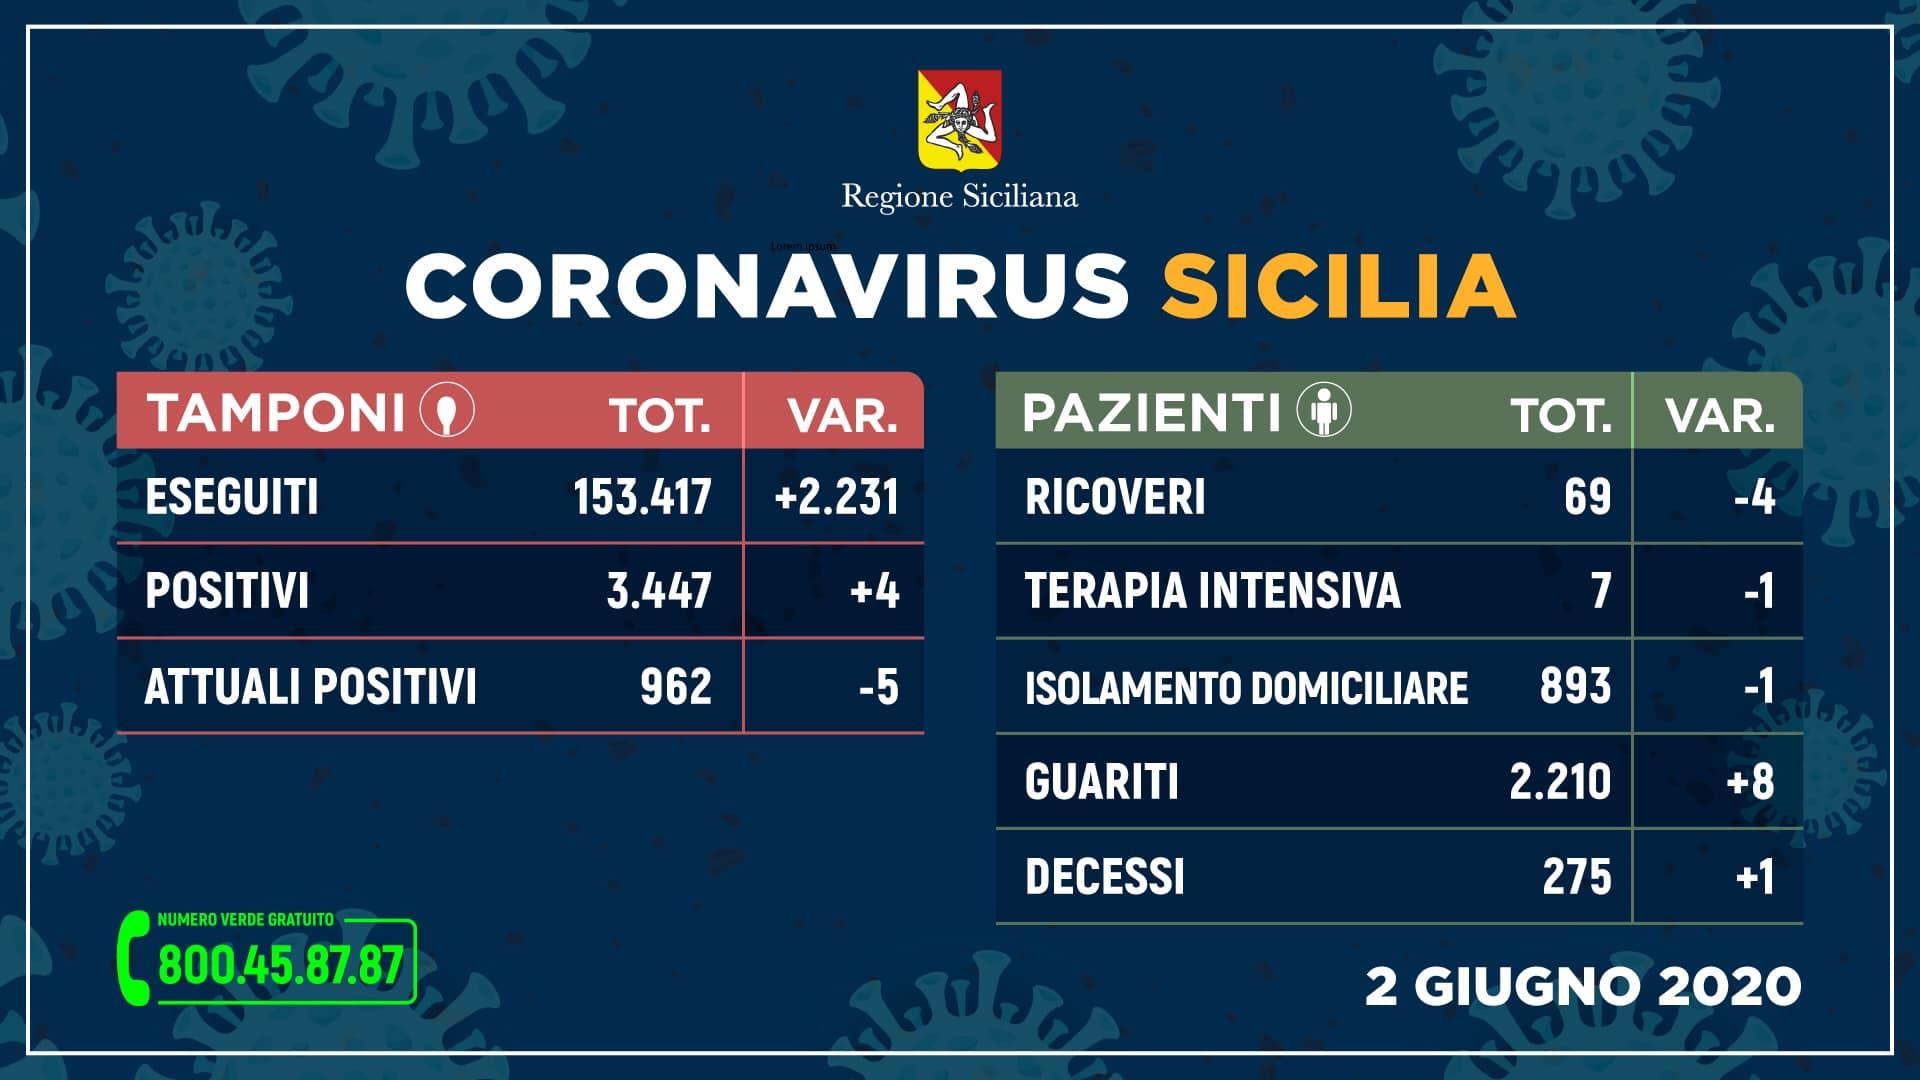 Contagi in Sicilia, le statistiche di oggi: +4 nuovi positivi, +8 guariti, +1 deceduto